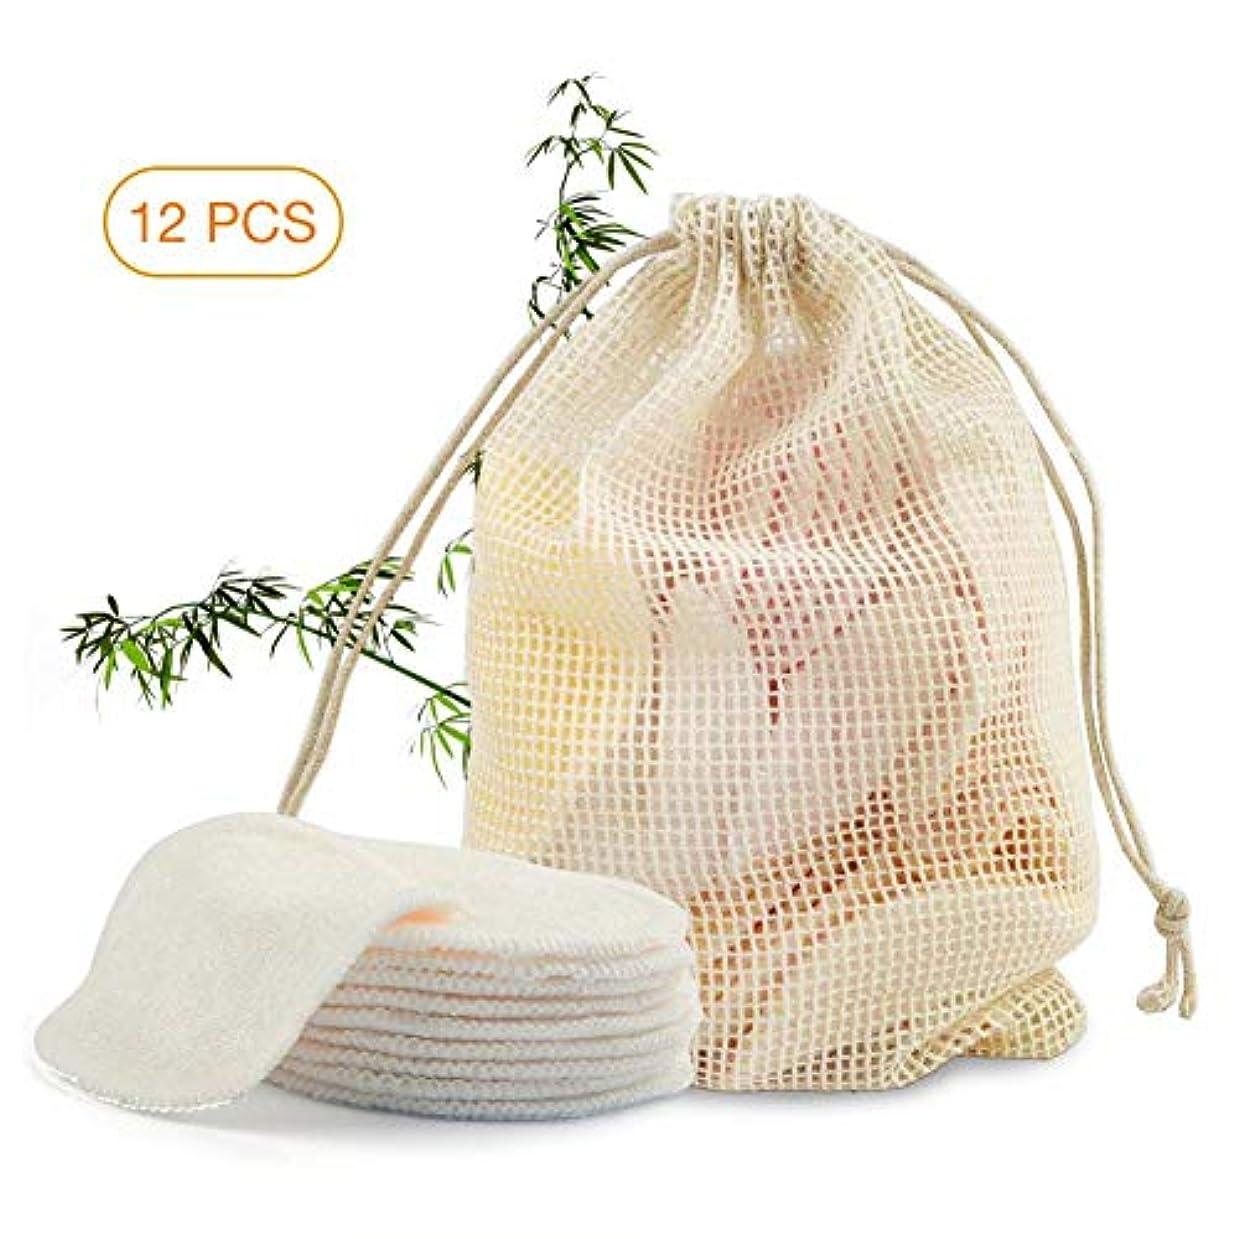 過激派ジレンマ安全12Pcs 化粧リムーバーパッド 層竹繊維 化粧リムーバー 洗える 化粧コットン 洗浄顔スキンクリーニング 8センチ